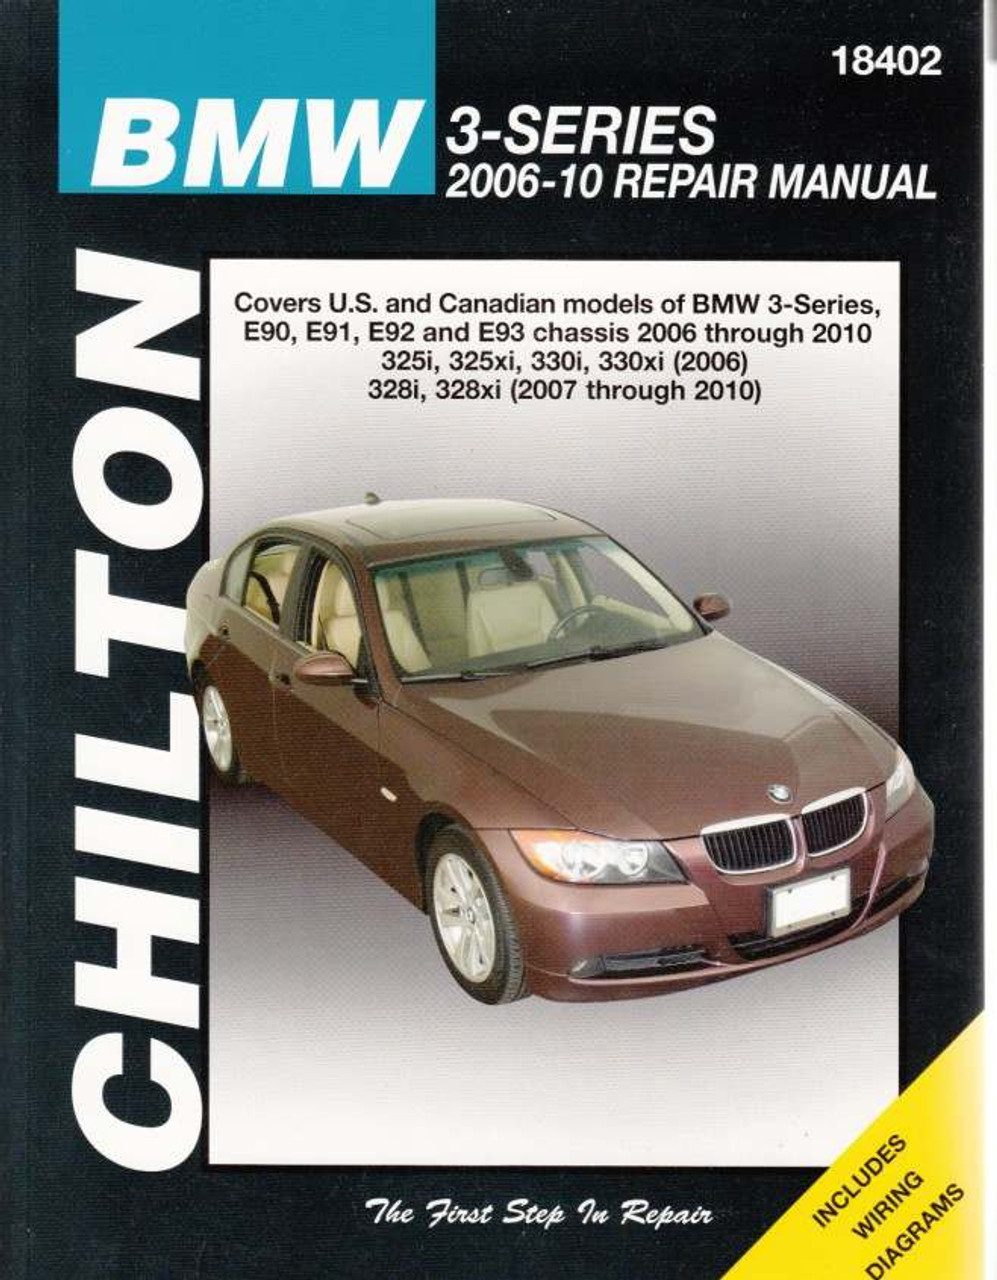 Haynes Manual 4782 BMW 3-Series 318i 320i 325i 330i E90 E91 2005-2008